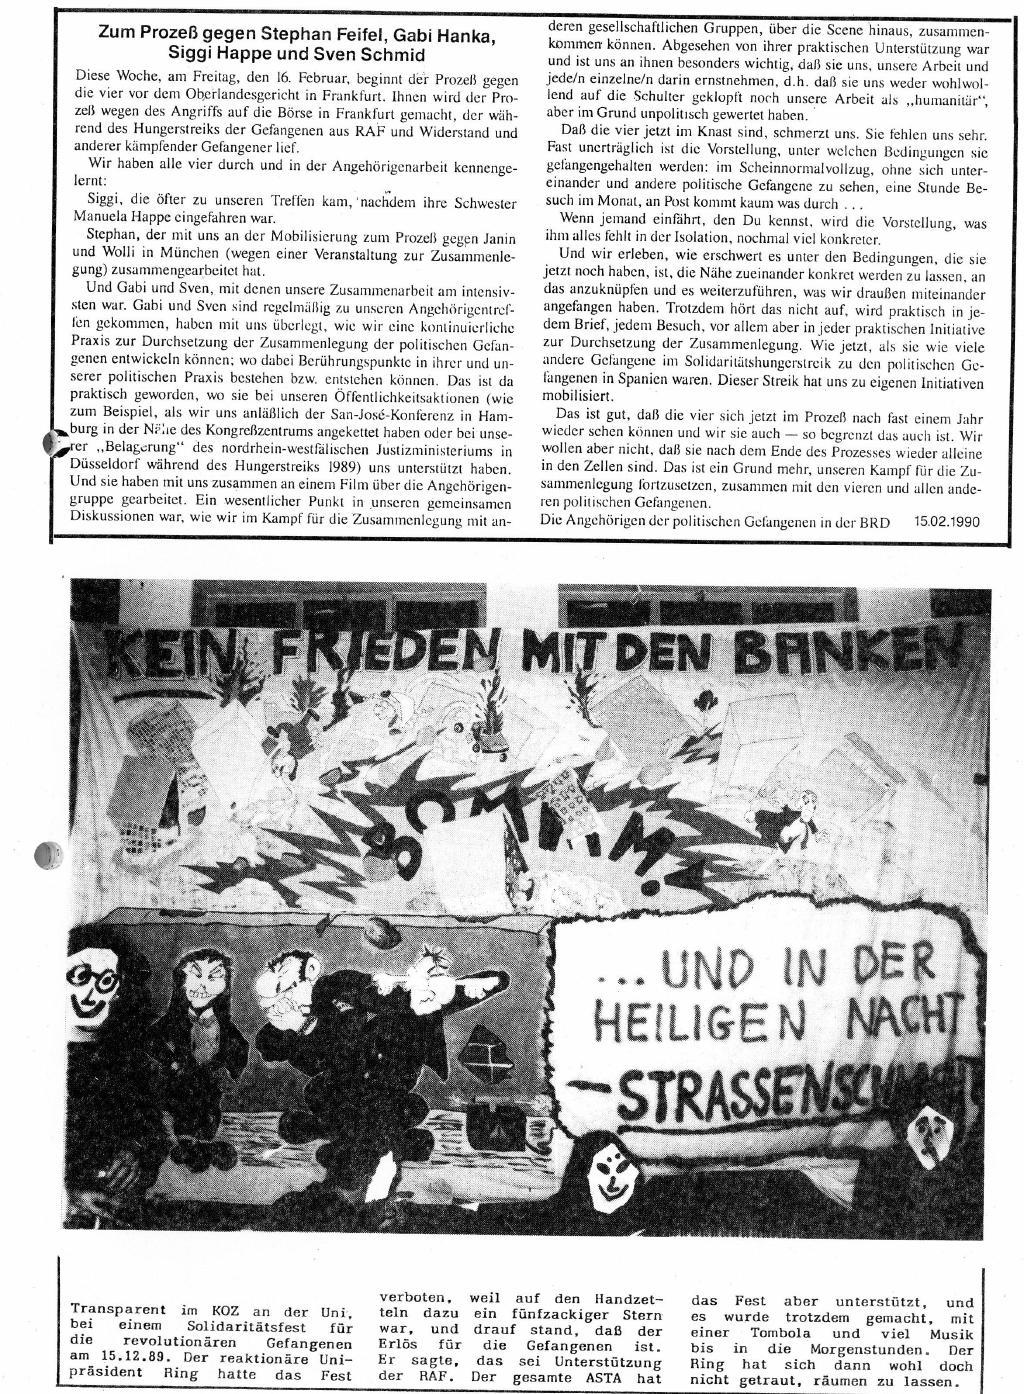 Frankfurt_Prozessinfo_Kein_Frieden_mit_den_Banken_1990_1_2_39